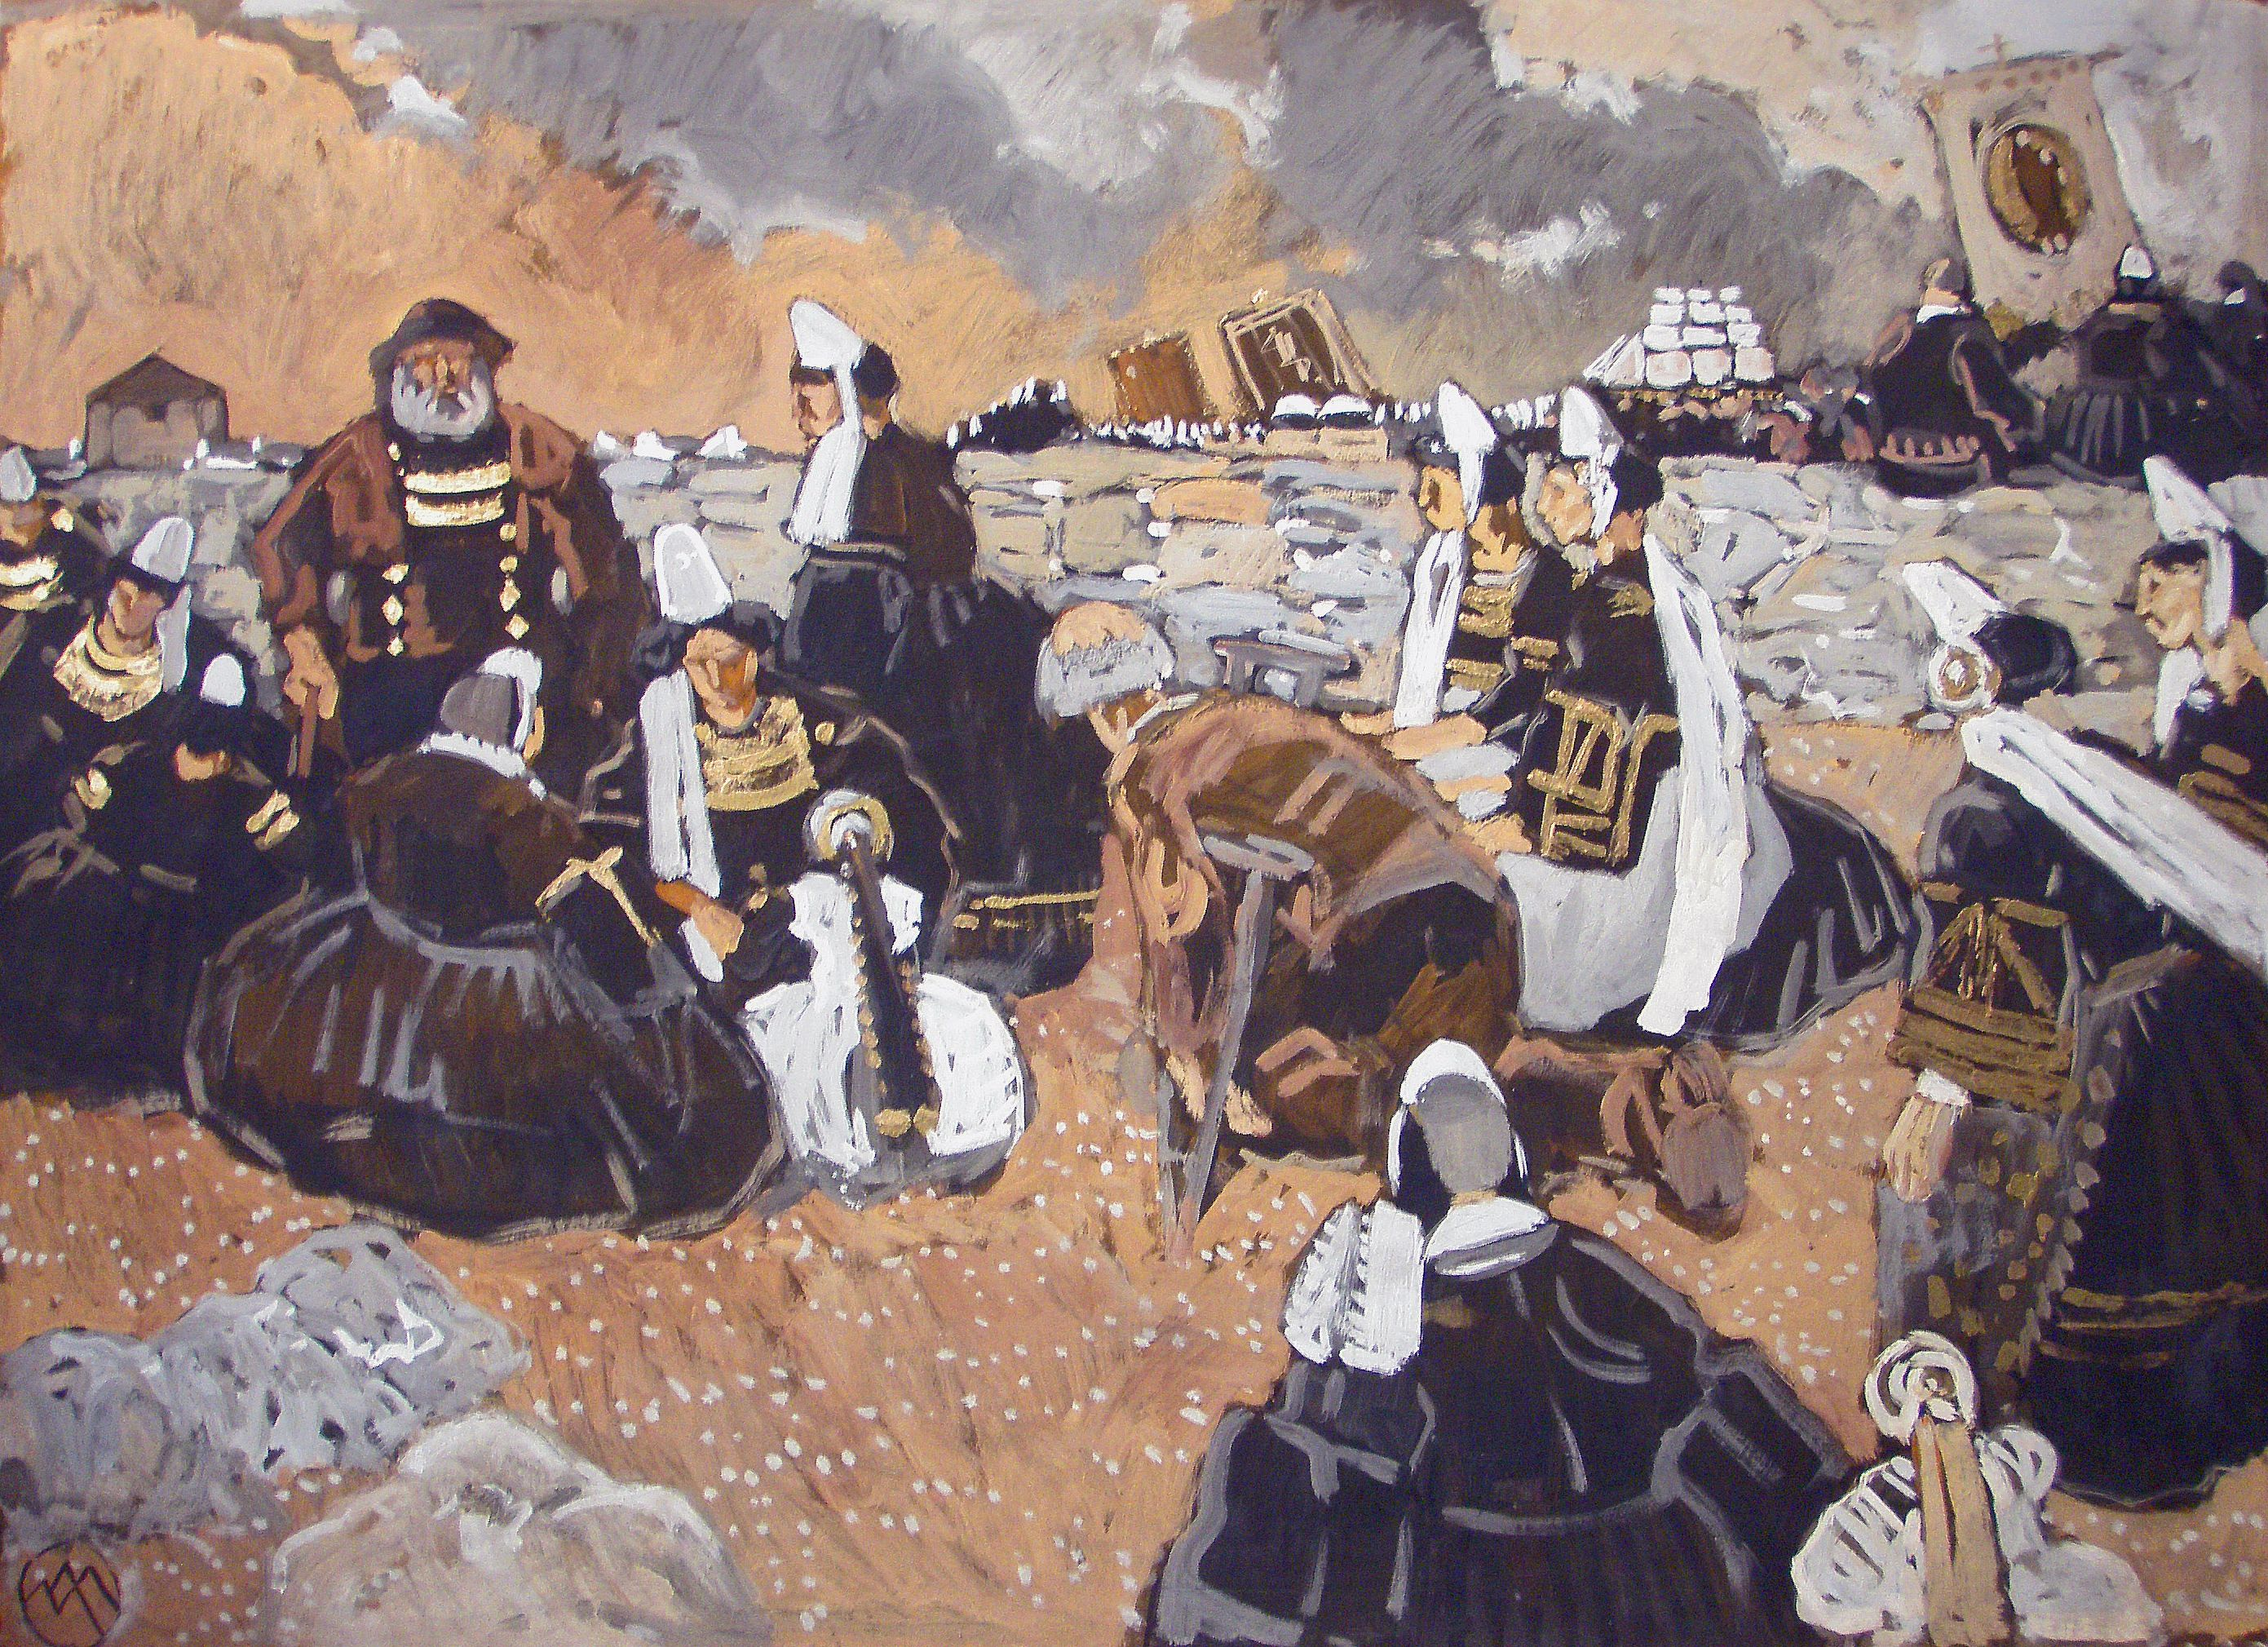 Mathurin Meheut 1882 1958 Pardon De La Joie Penmarc H Caseine Rehaussee De Tableaux Modernes Ecoles Bretonnes A Tableaux Modernes Peinture Joie